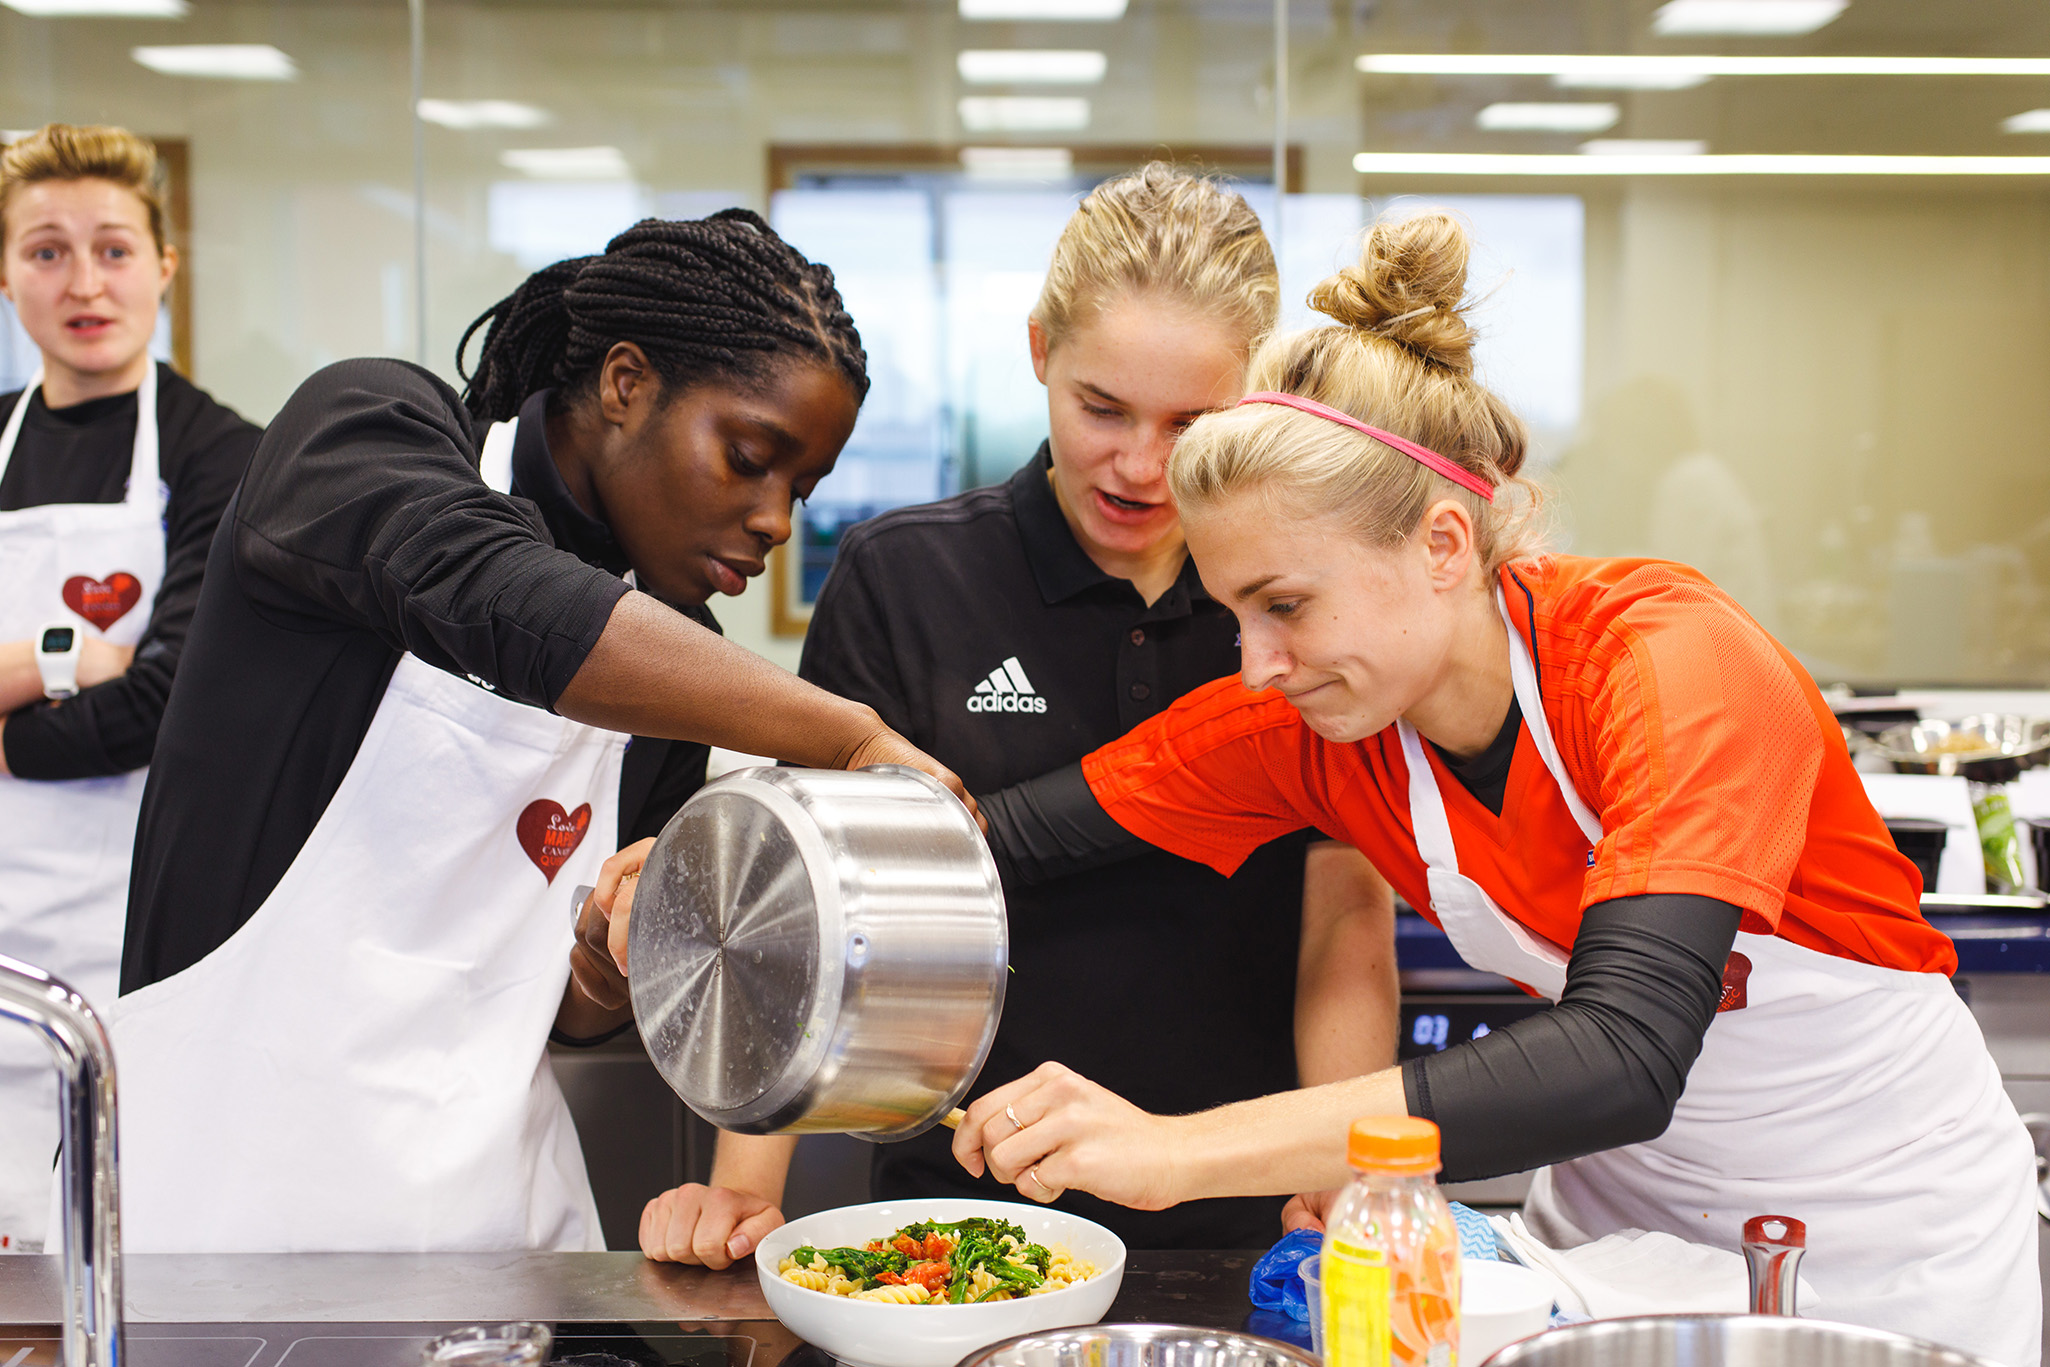 Birmingham Ladies FC players creating magic with maple at University Birmingham College